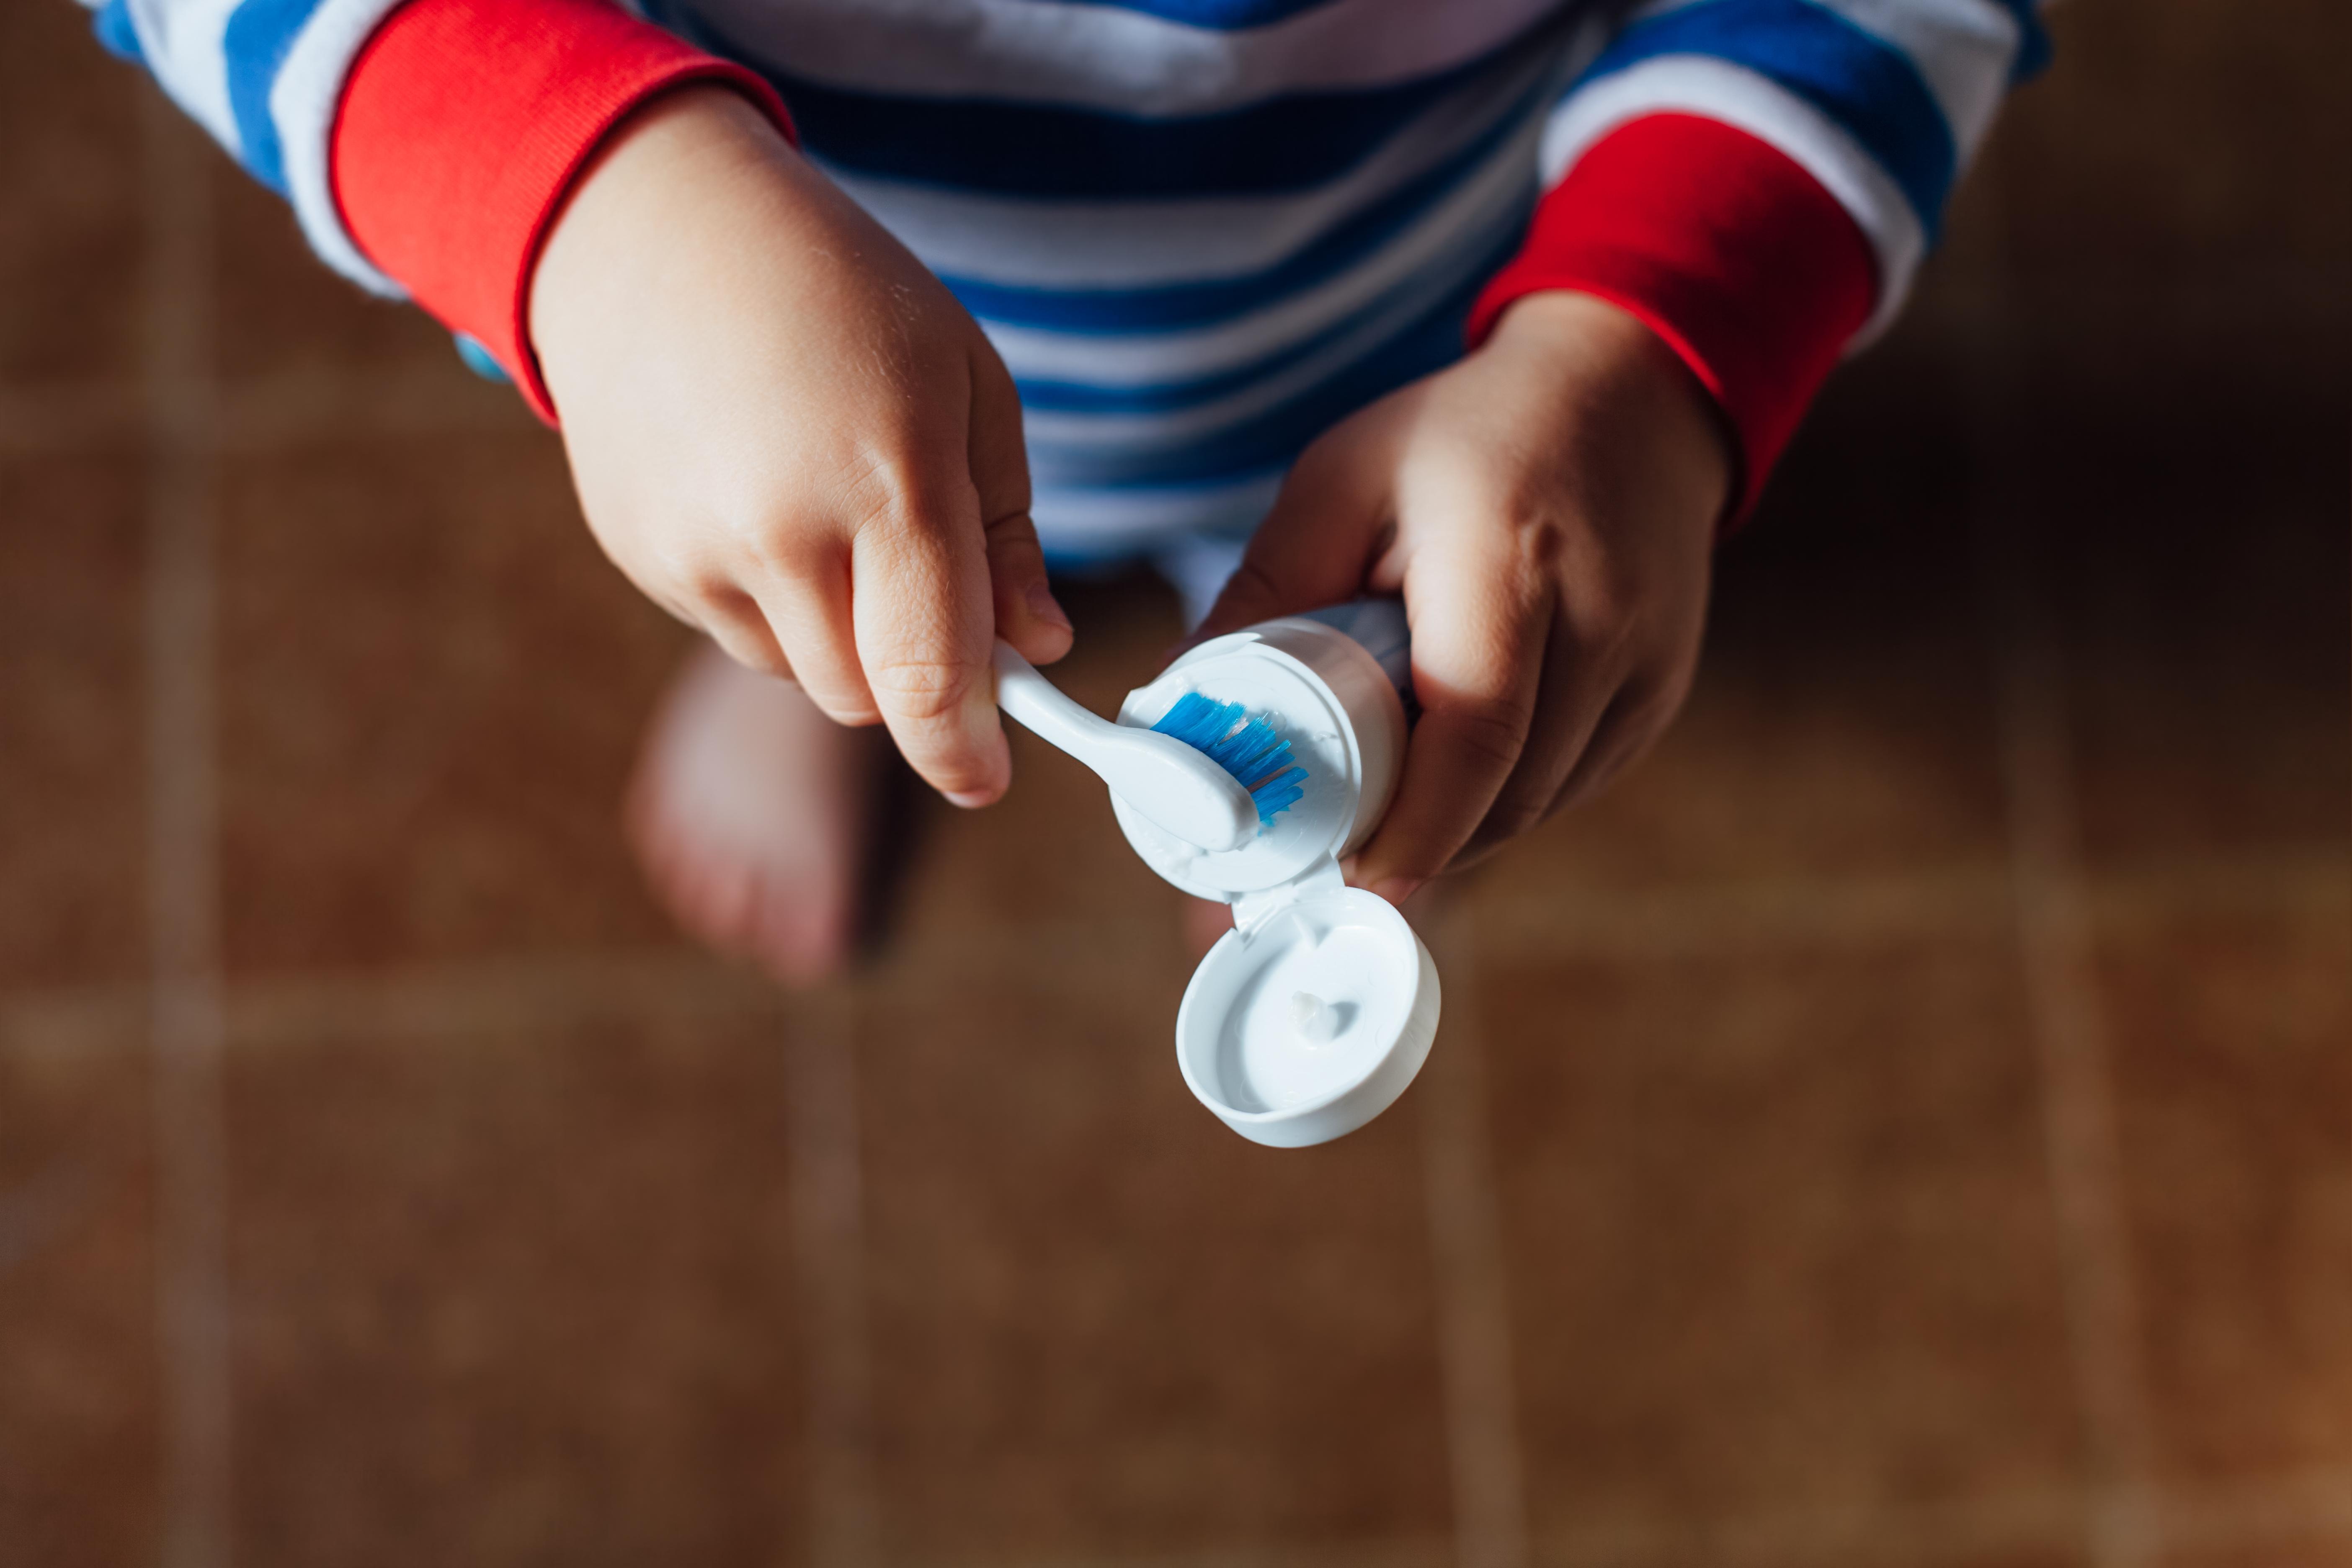 För alla gäller att god munhygien och bra kostvanor är det viktigaste man själv kan göra för att minska risken för karies och tandlossning.